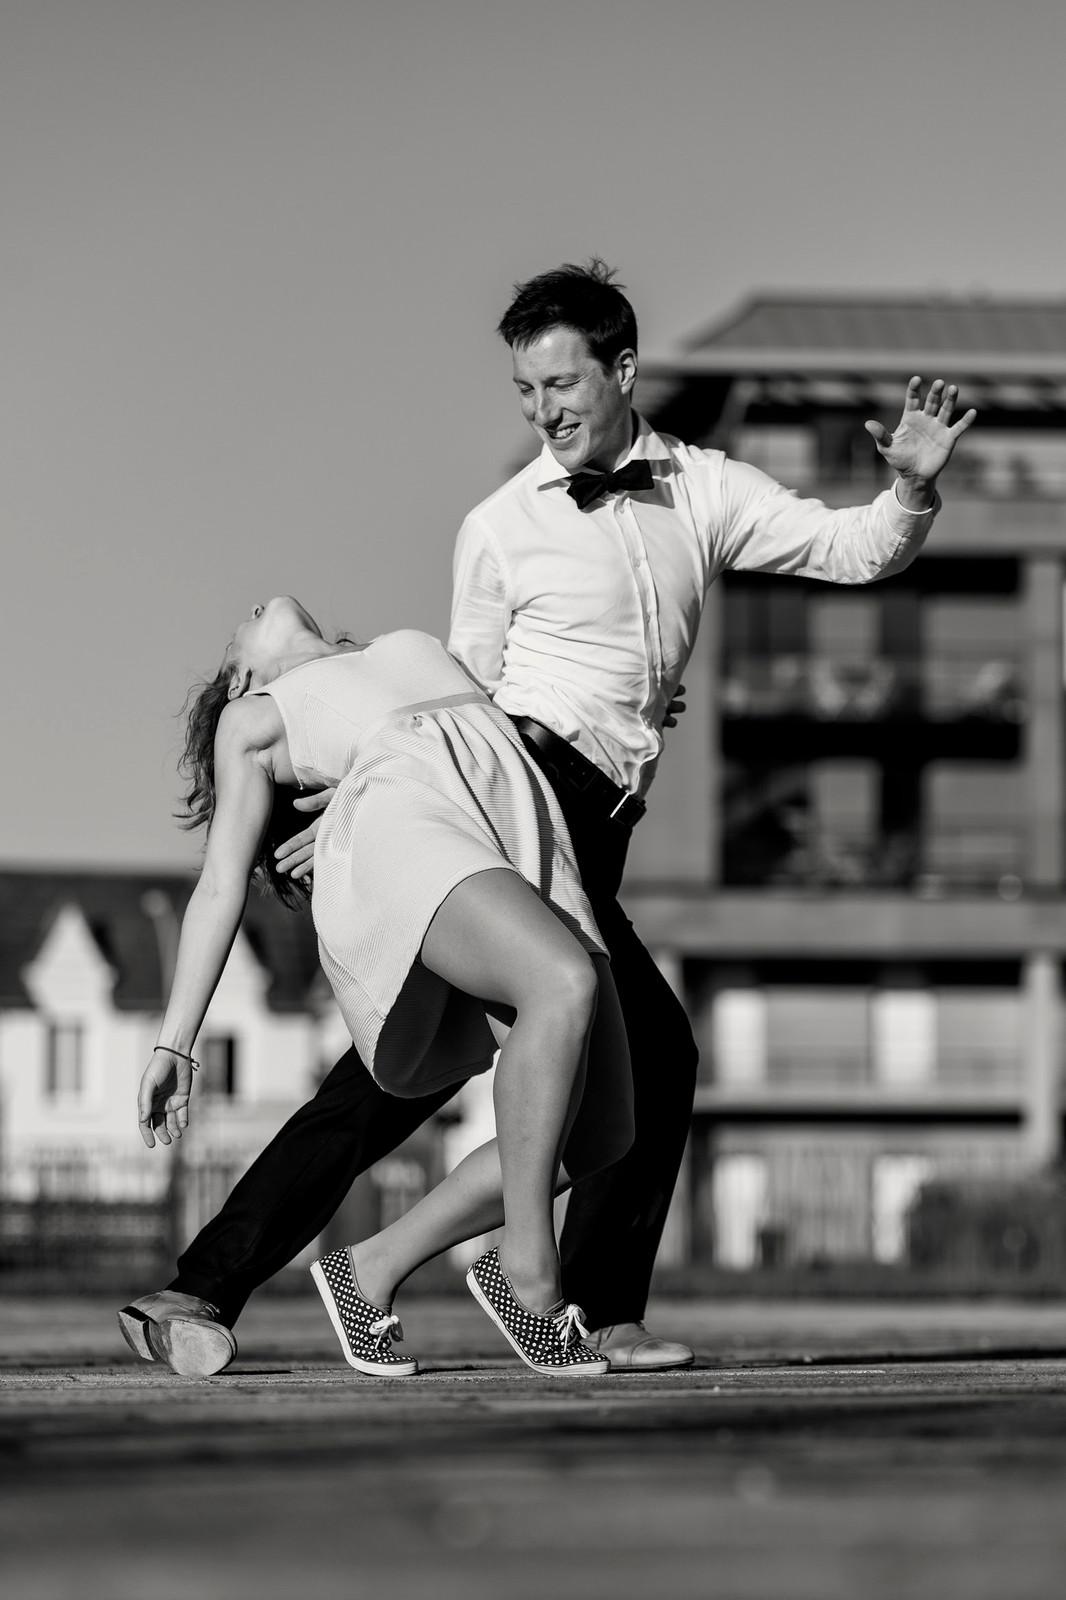 e7acfde0190d Jours Cours De Hop Beaux La Danse Lindy Charleston Les fqOFXw